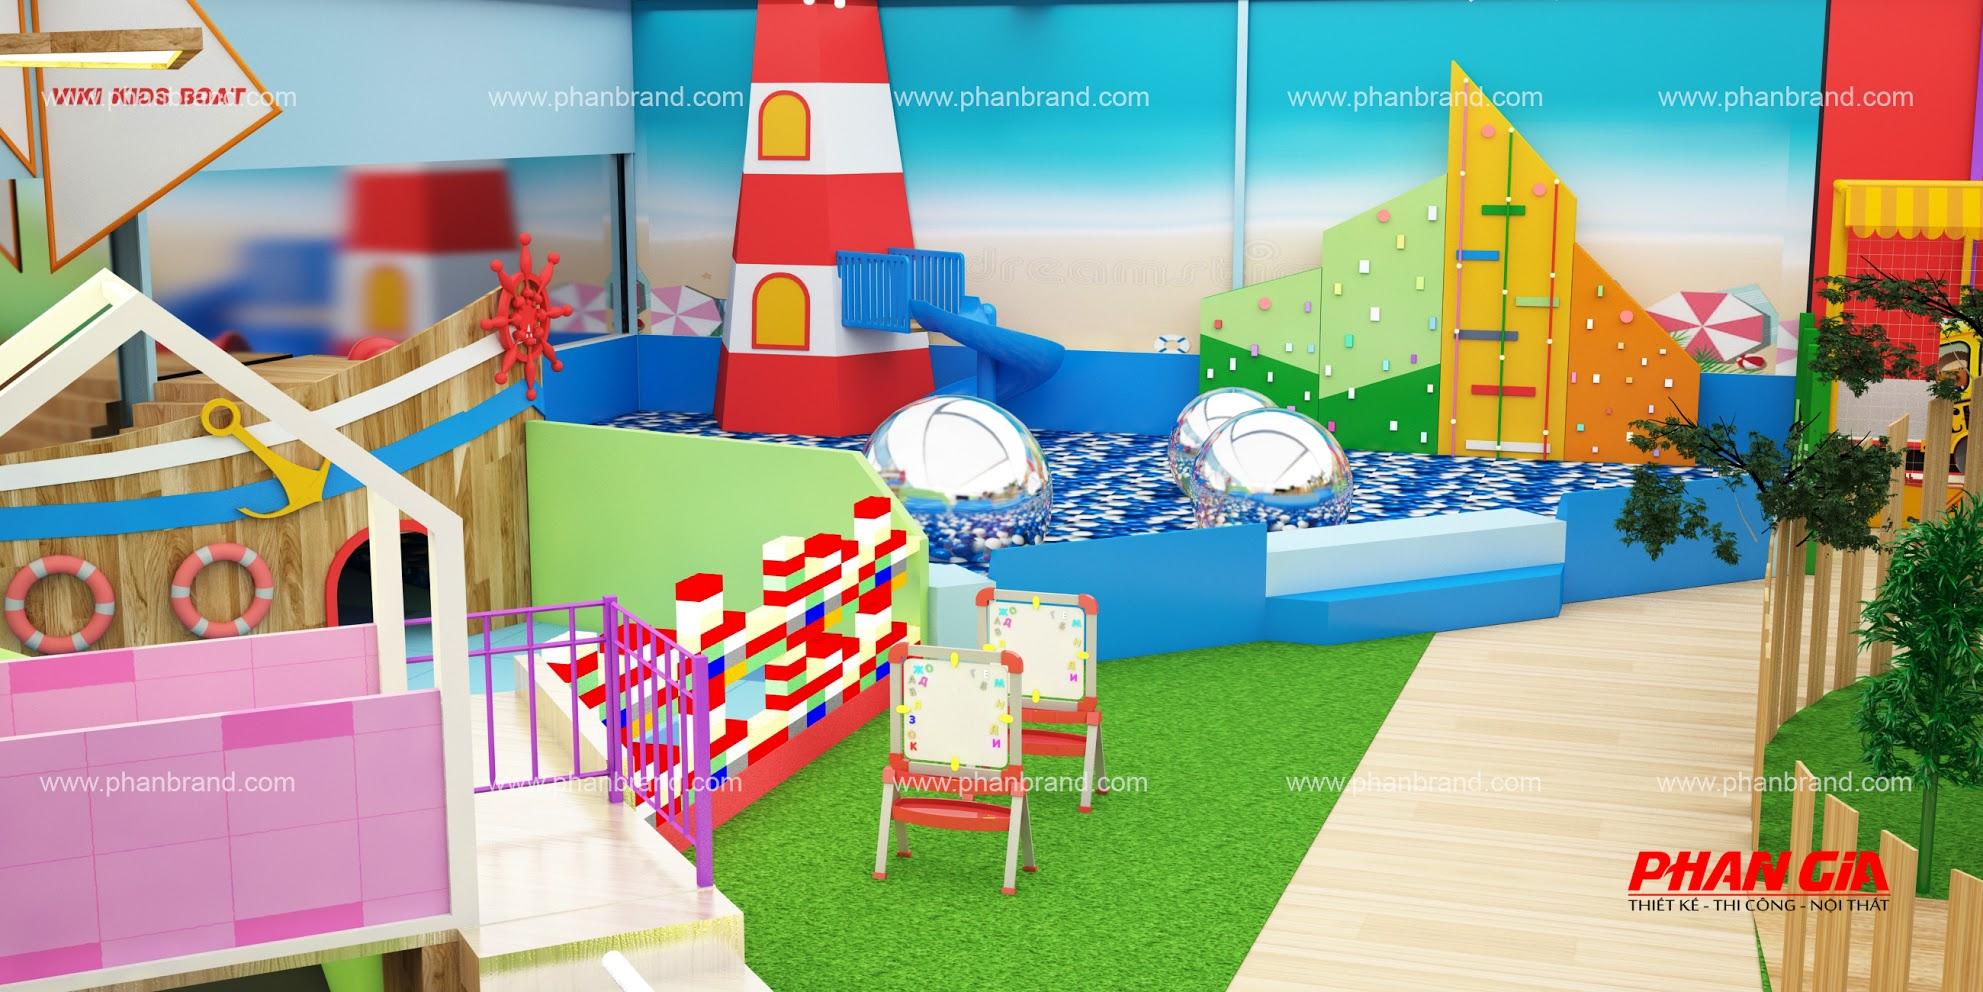 Mẫu thiết kế khu vui chơi trẻ em VikiTown Củ chi hình 6